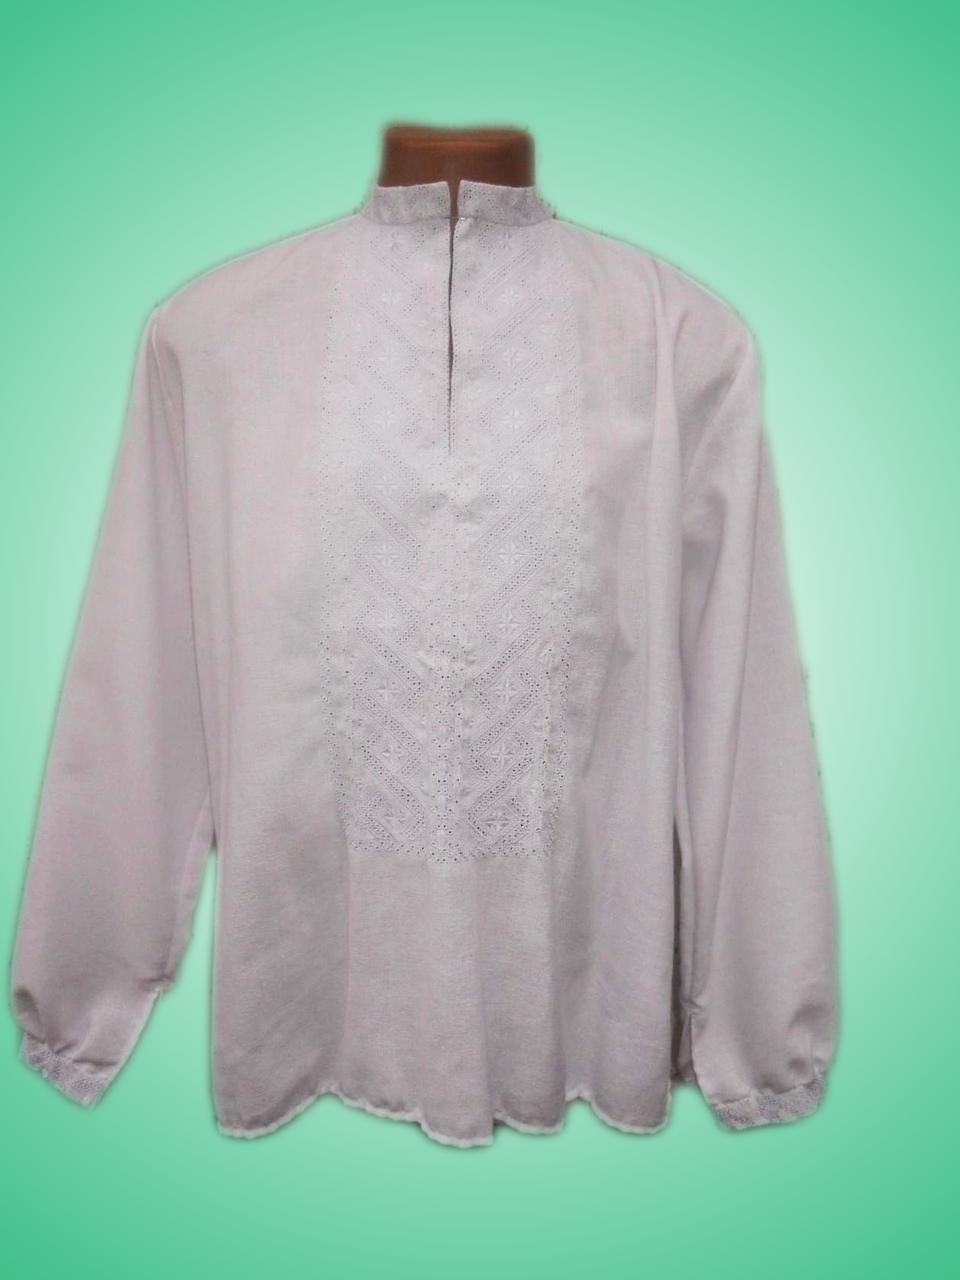 Чоловіча вишита сорочка з білосніжним узором (Мужская вышитая рубашка с  белоснежным узором) SN- 79ad76fc31b7e